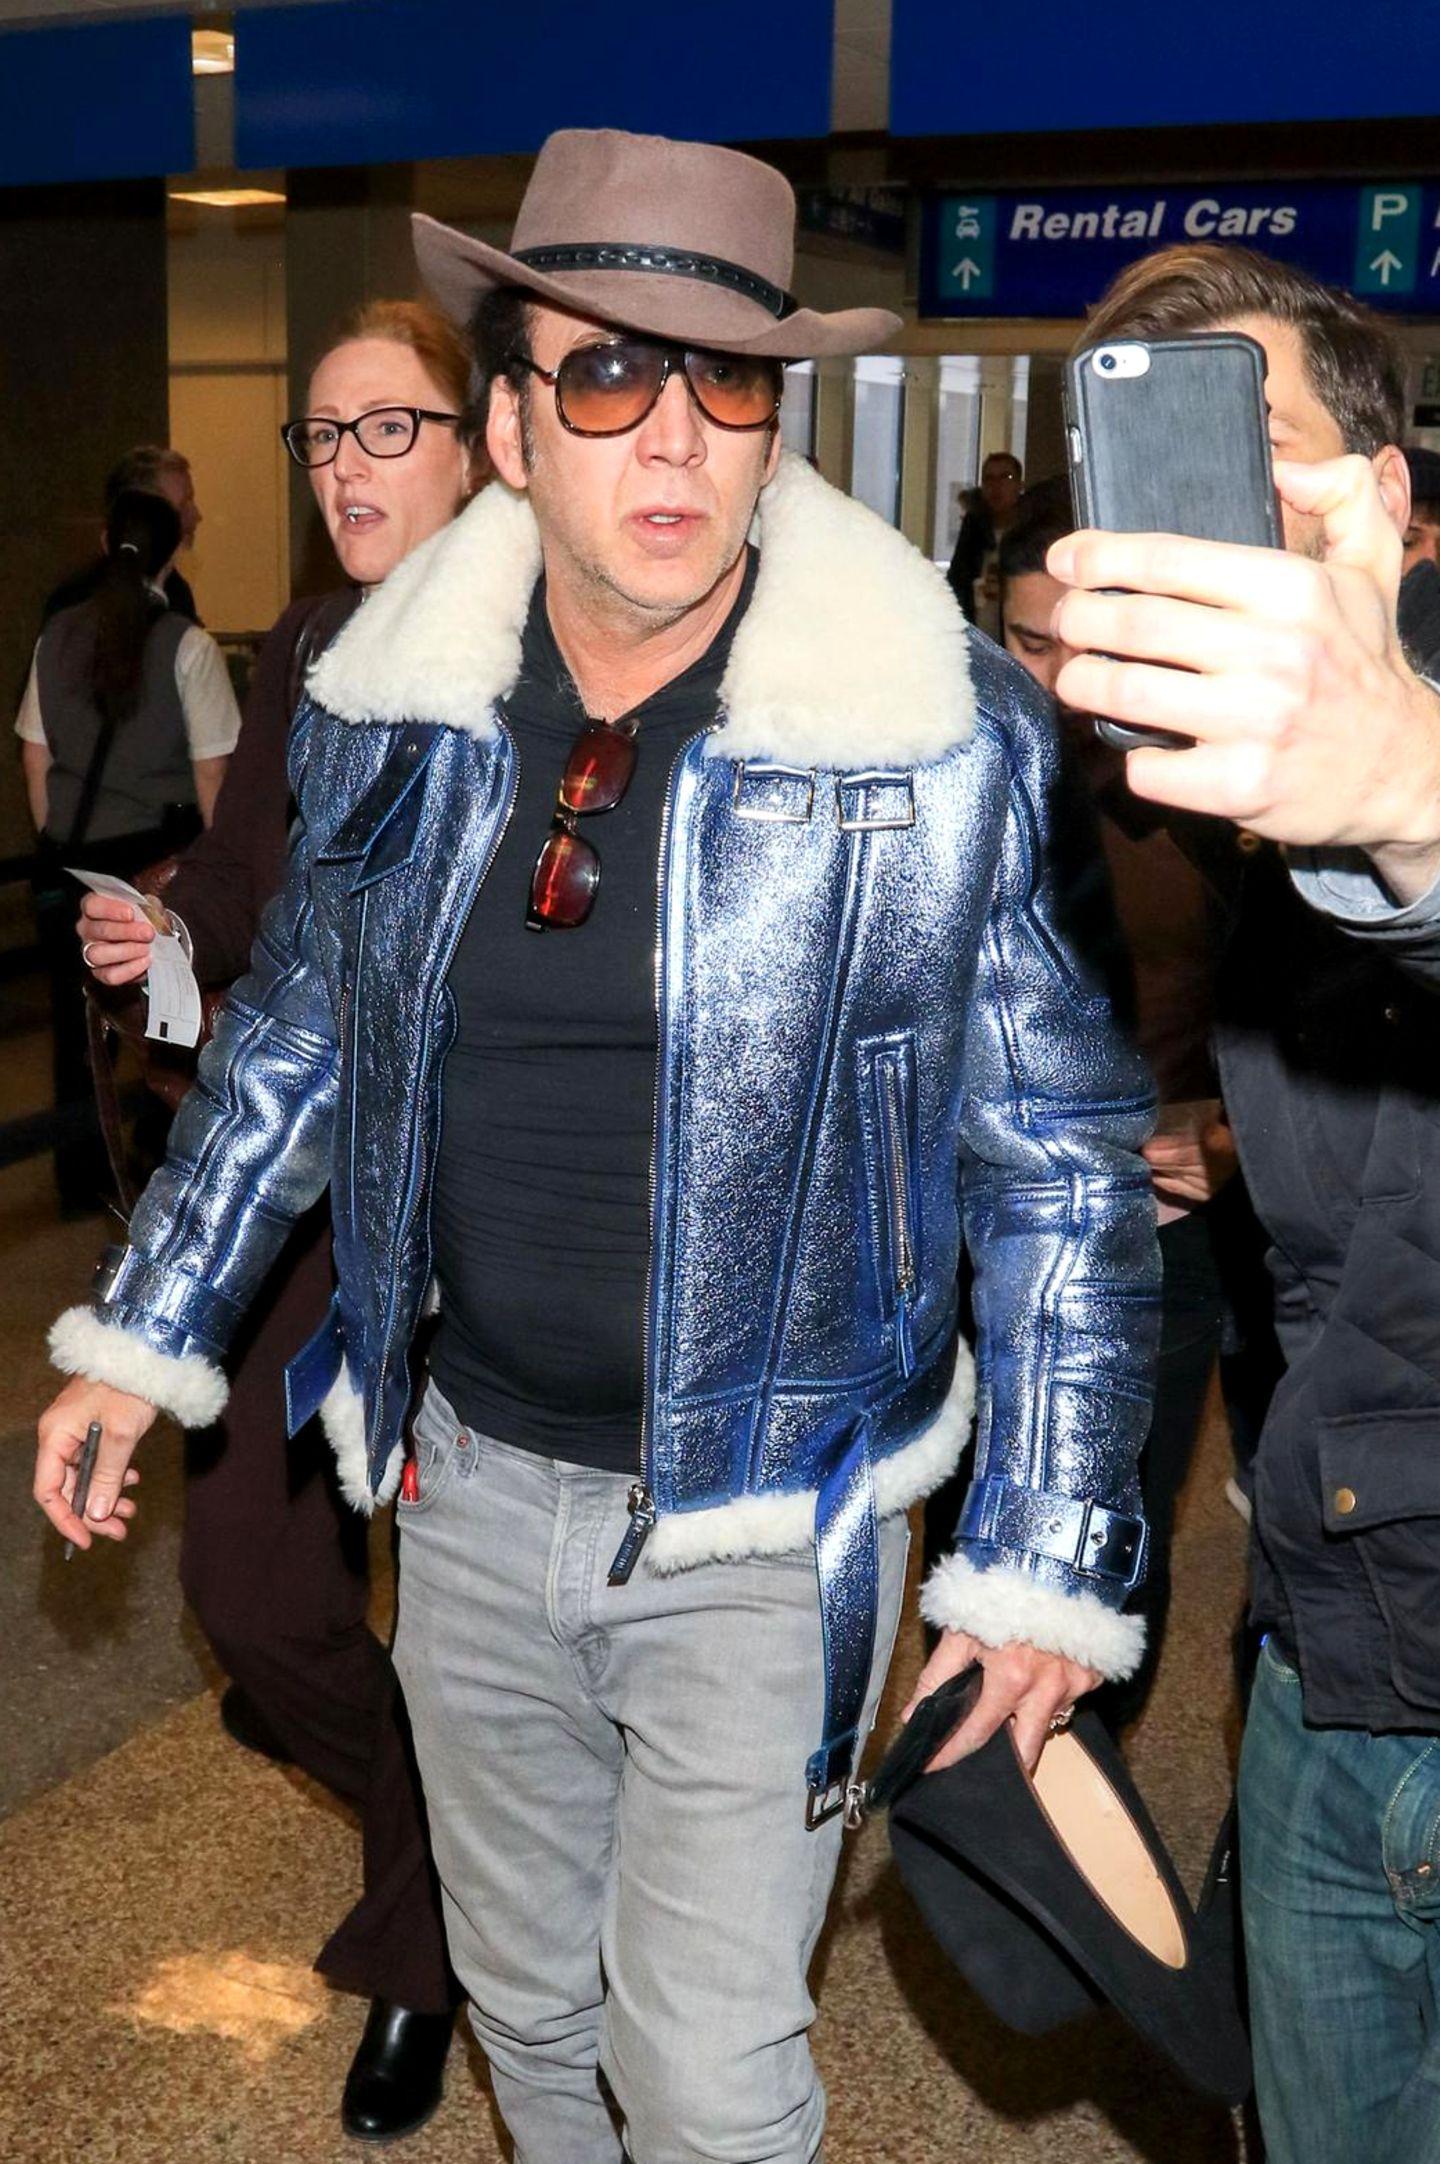 Am Flughafen der Stadt Salt Lake City wird Nicolas Cage beim Autogramm-Schreiben und Selfie-Knipsen gesichtet. Bei näherer Betrachtung fallen zwei Merkwürdigkeiten auf: Erstens, der Schauspieler hat zwei Hüte und Sonnenbrillen dabei, und zweitens er sieht einem Rockmusiker zum Verwechseln ähnlich ...